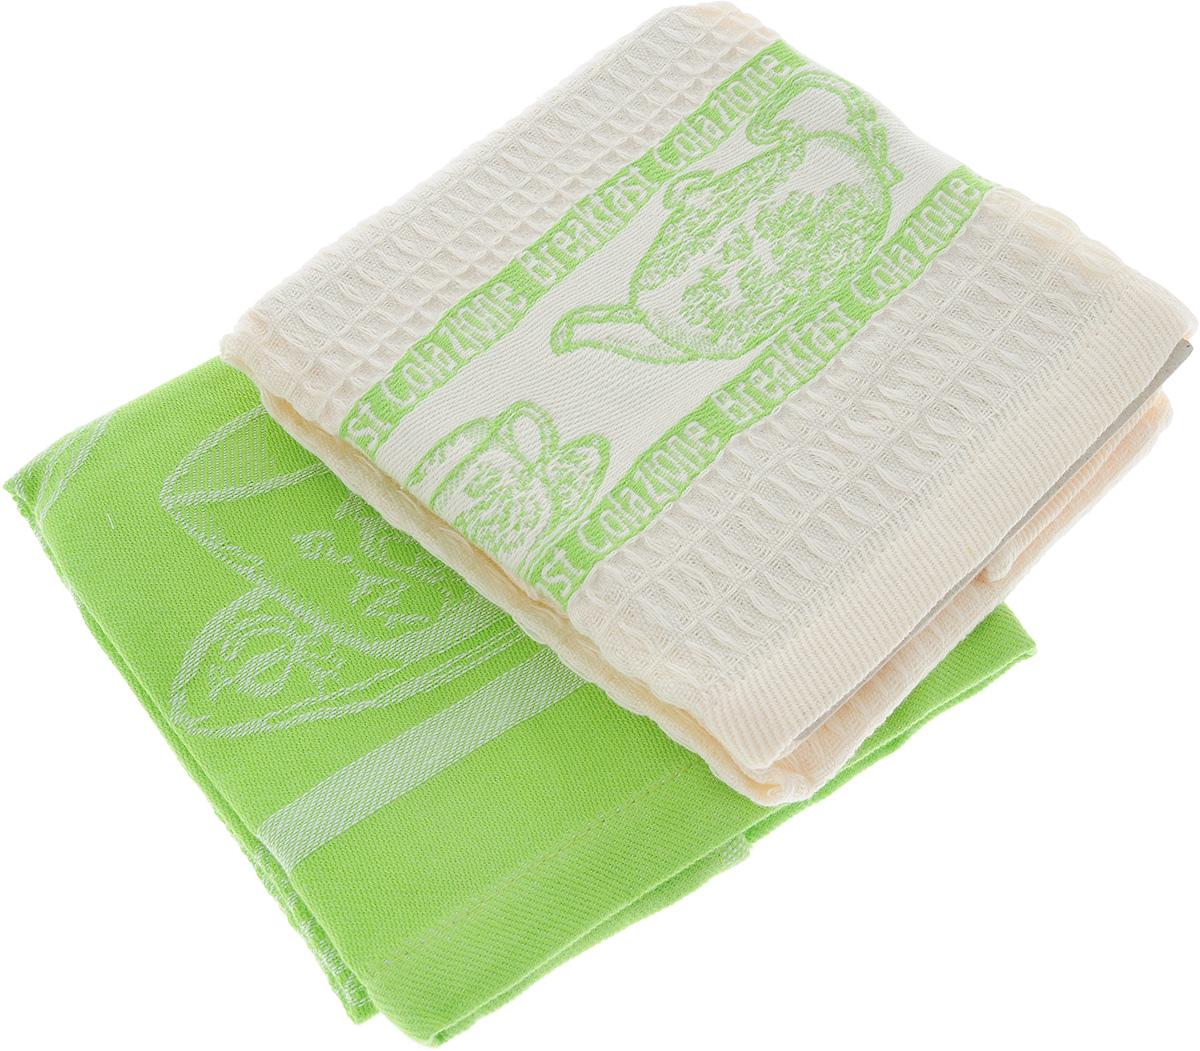 Набор кухонных полотенец Toalla Завтрак, цвет: зеленый, бежевый, 40 x 60 см, 2 шт9400428Набор Toalla Завтрак состоит из двух прямоугольных полотенец, выполненных из 100% хлопка. Ткань полотенец обладает высокой плотностью и мягкостью, отличается высоким качеством и длительным сроком службы. В процессе эксплуатации материал становится только мягче и приятней на ощупь. Египетский хлопок не содержит линта (хлопковый пух), поэтому на ткани не образуются катышки даже после многократных стирок и длительного использования. Сверхдлинные волокна придают ткани характерный красивый блеск. Полотенца отлично впитывают влагу и быстро сохнут. Набор предназначен для использования на кухне и в столовой. Полотенца дополнены изящным вышитым бордюром. Набор полотенец Toalla Завтрак - отличное приобретение для каждой хозяйки.